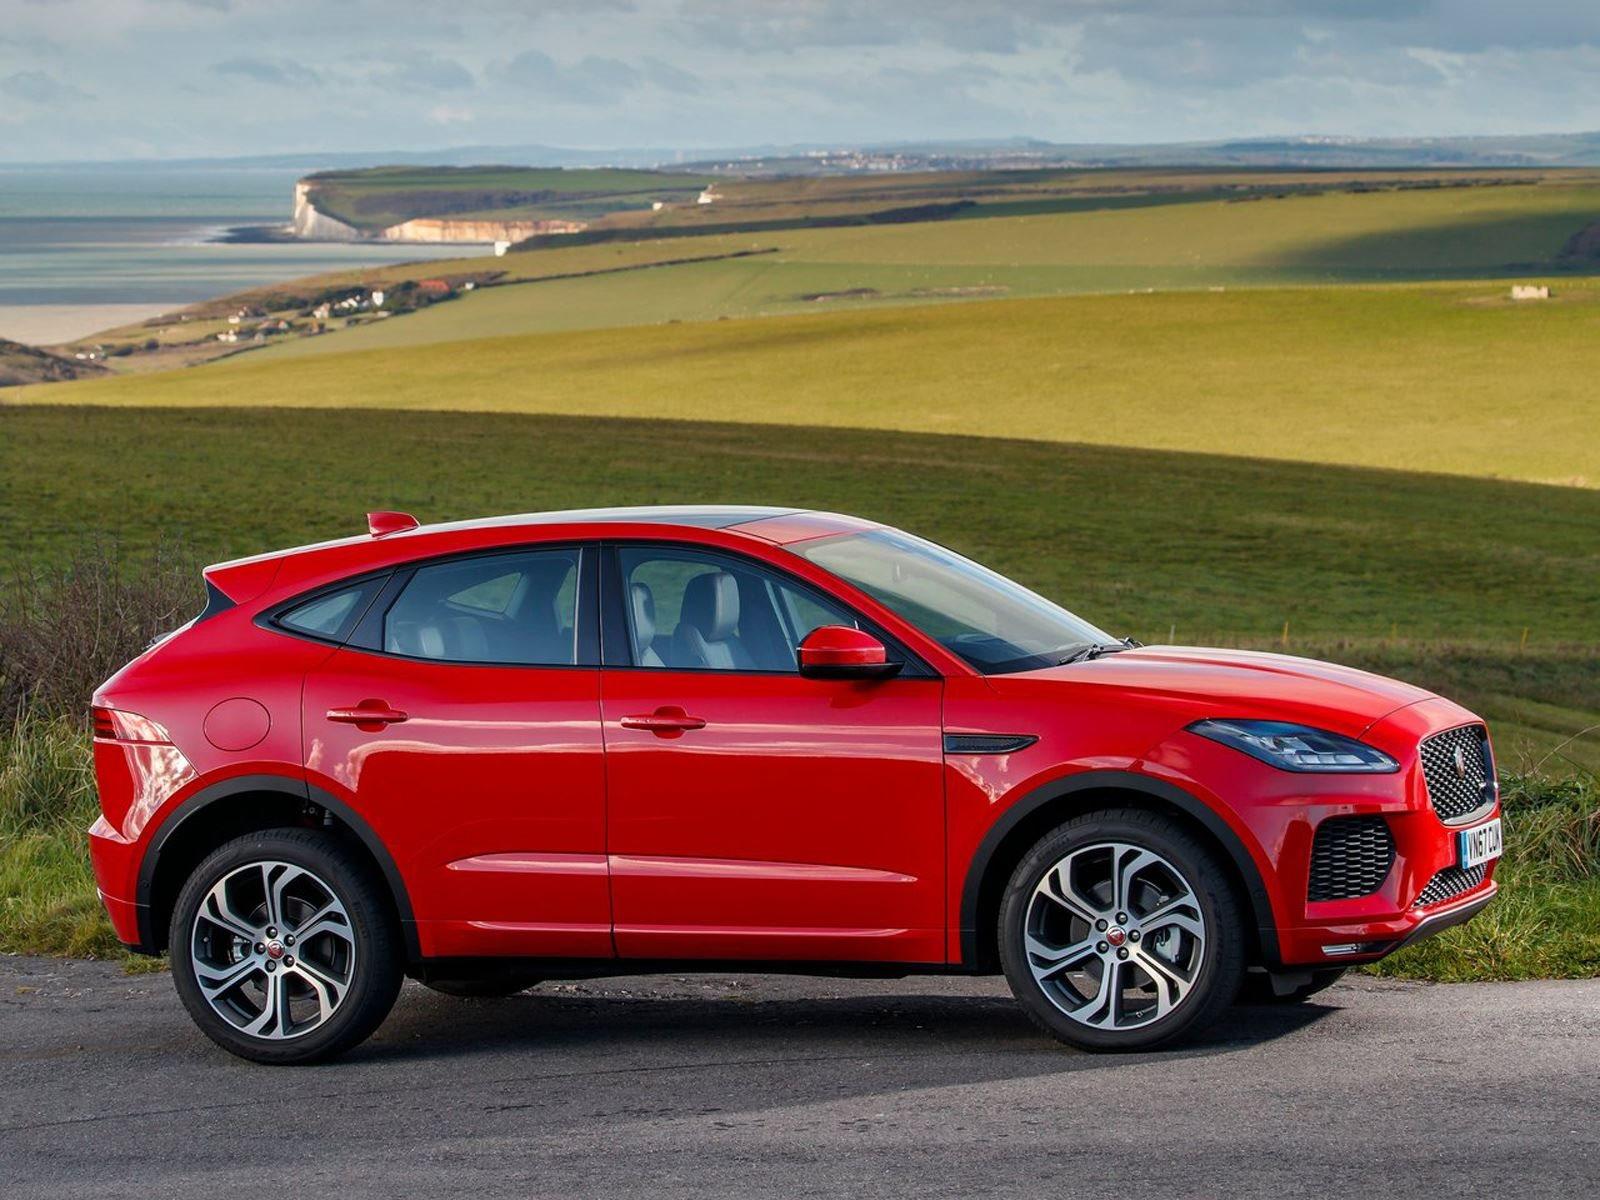 ОК, так как JLR определяет Jaguar, в частности, если говорить о внедорожниках? «Задача Jaguar - обеспечить динамичное наслаждение с точки зрения вождения, и, если есть продукт, которого нам не хватает, предложить этот вариант». Помните, что F-Pace яв